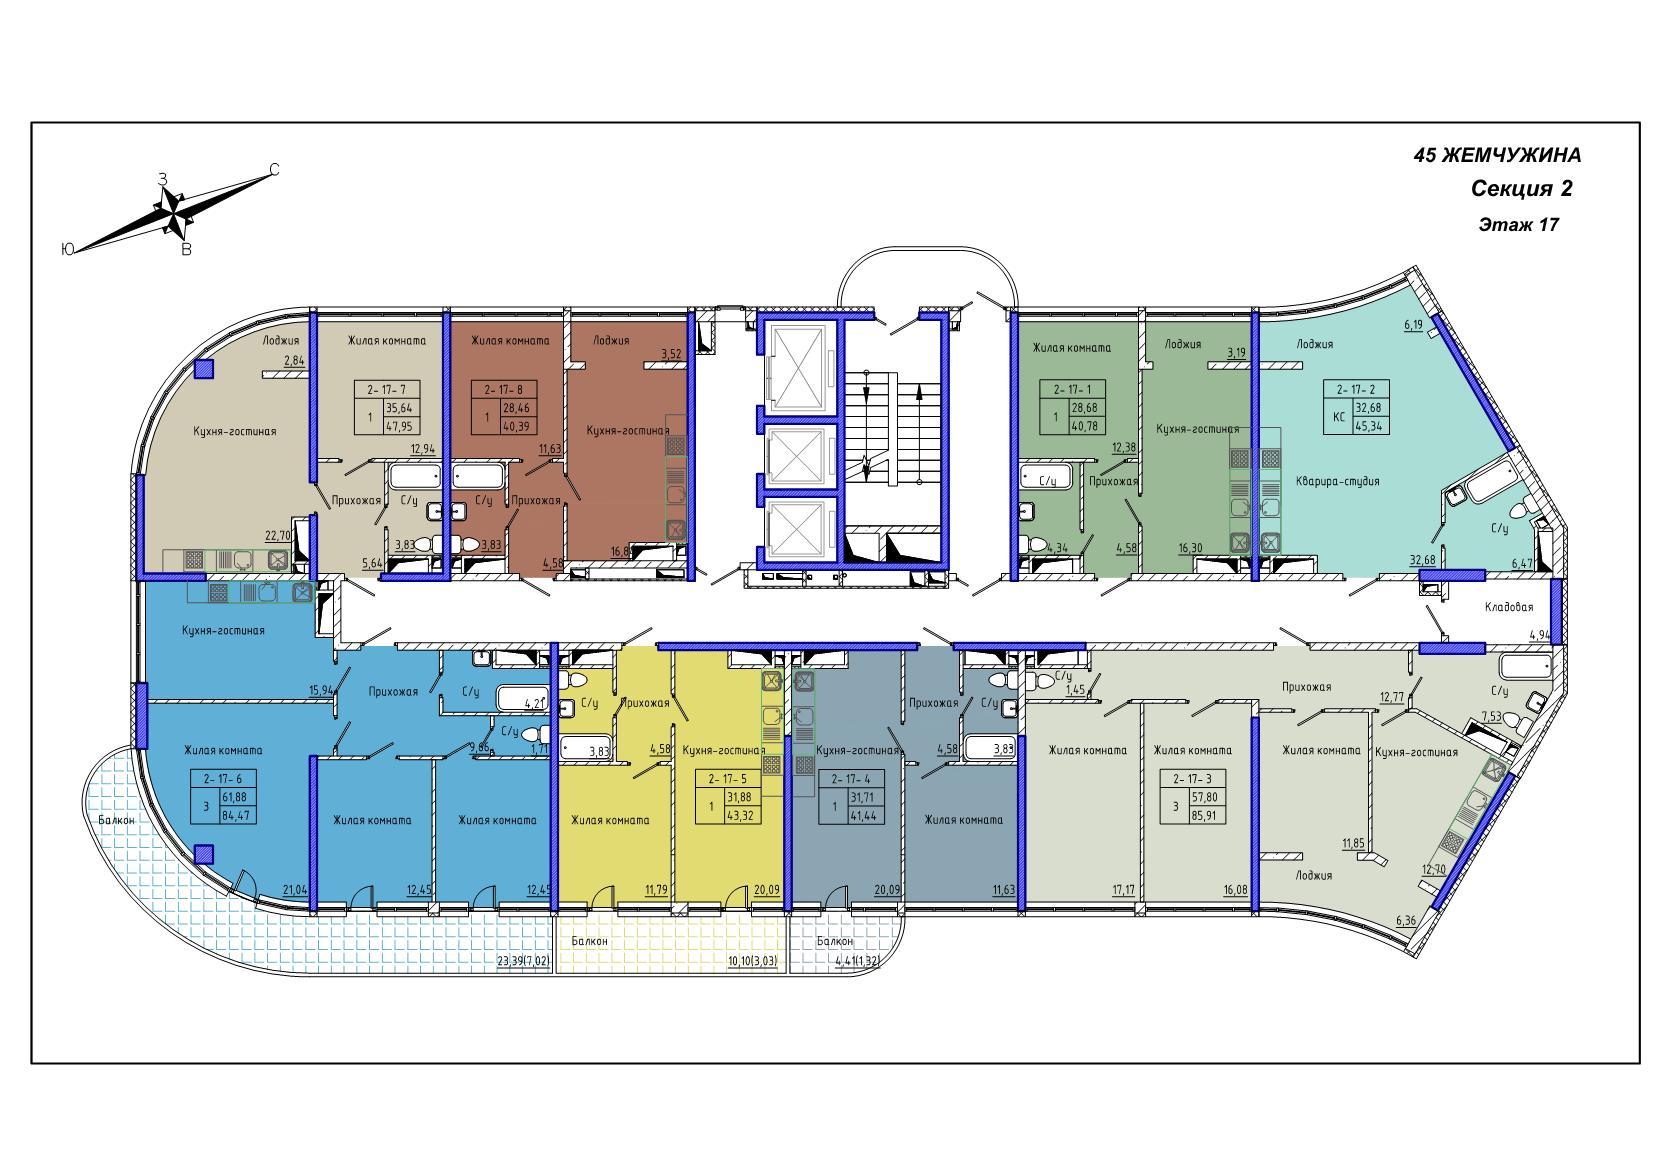 45 Жемчужина / Секция 2 / План 17-го этажа